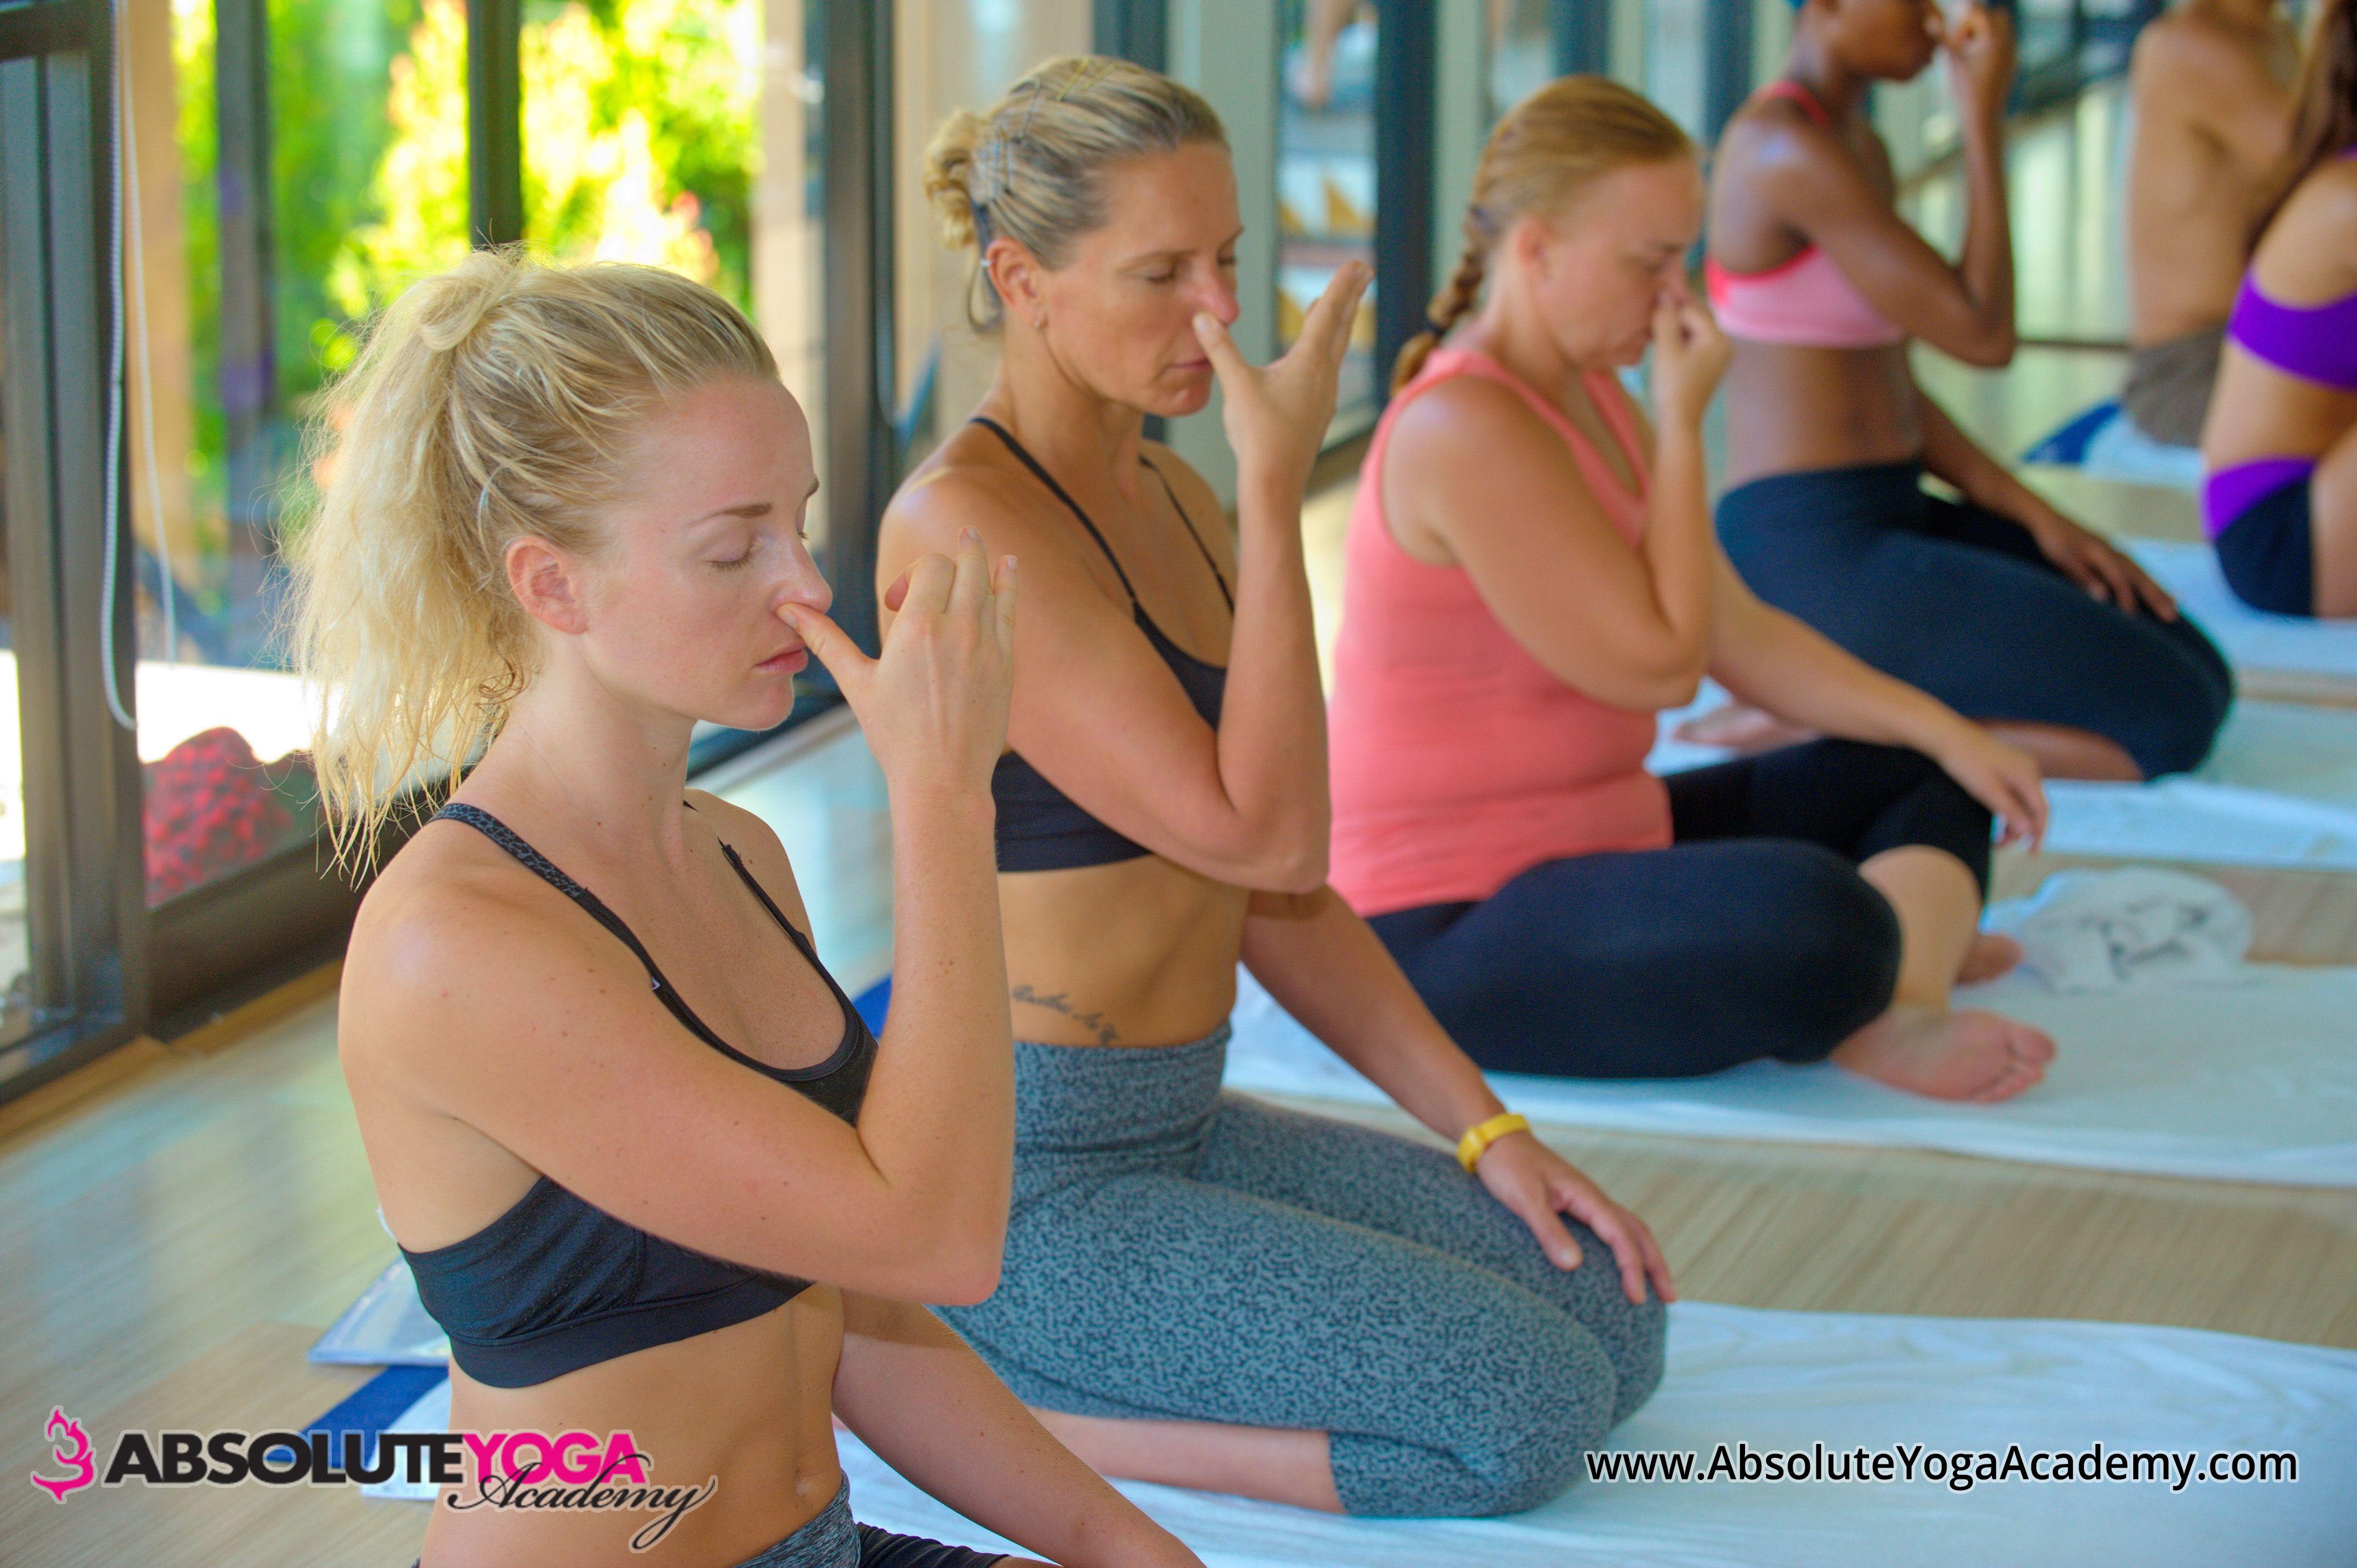 Yoga Teachers College Barcelona Spain 200hr Degree Program Hot Yoga Teacher Training Teacher Training Yoga Teacher Training